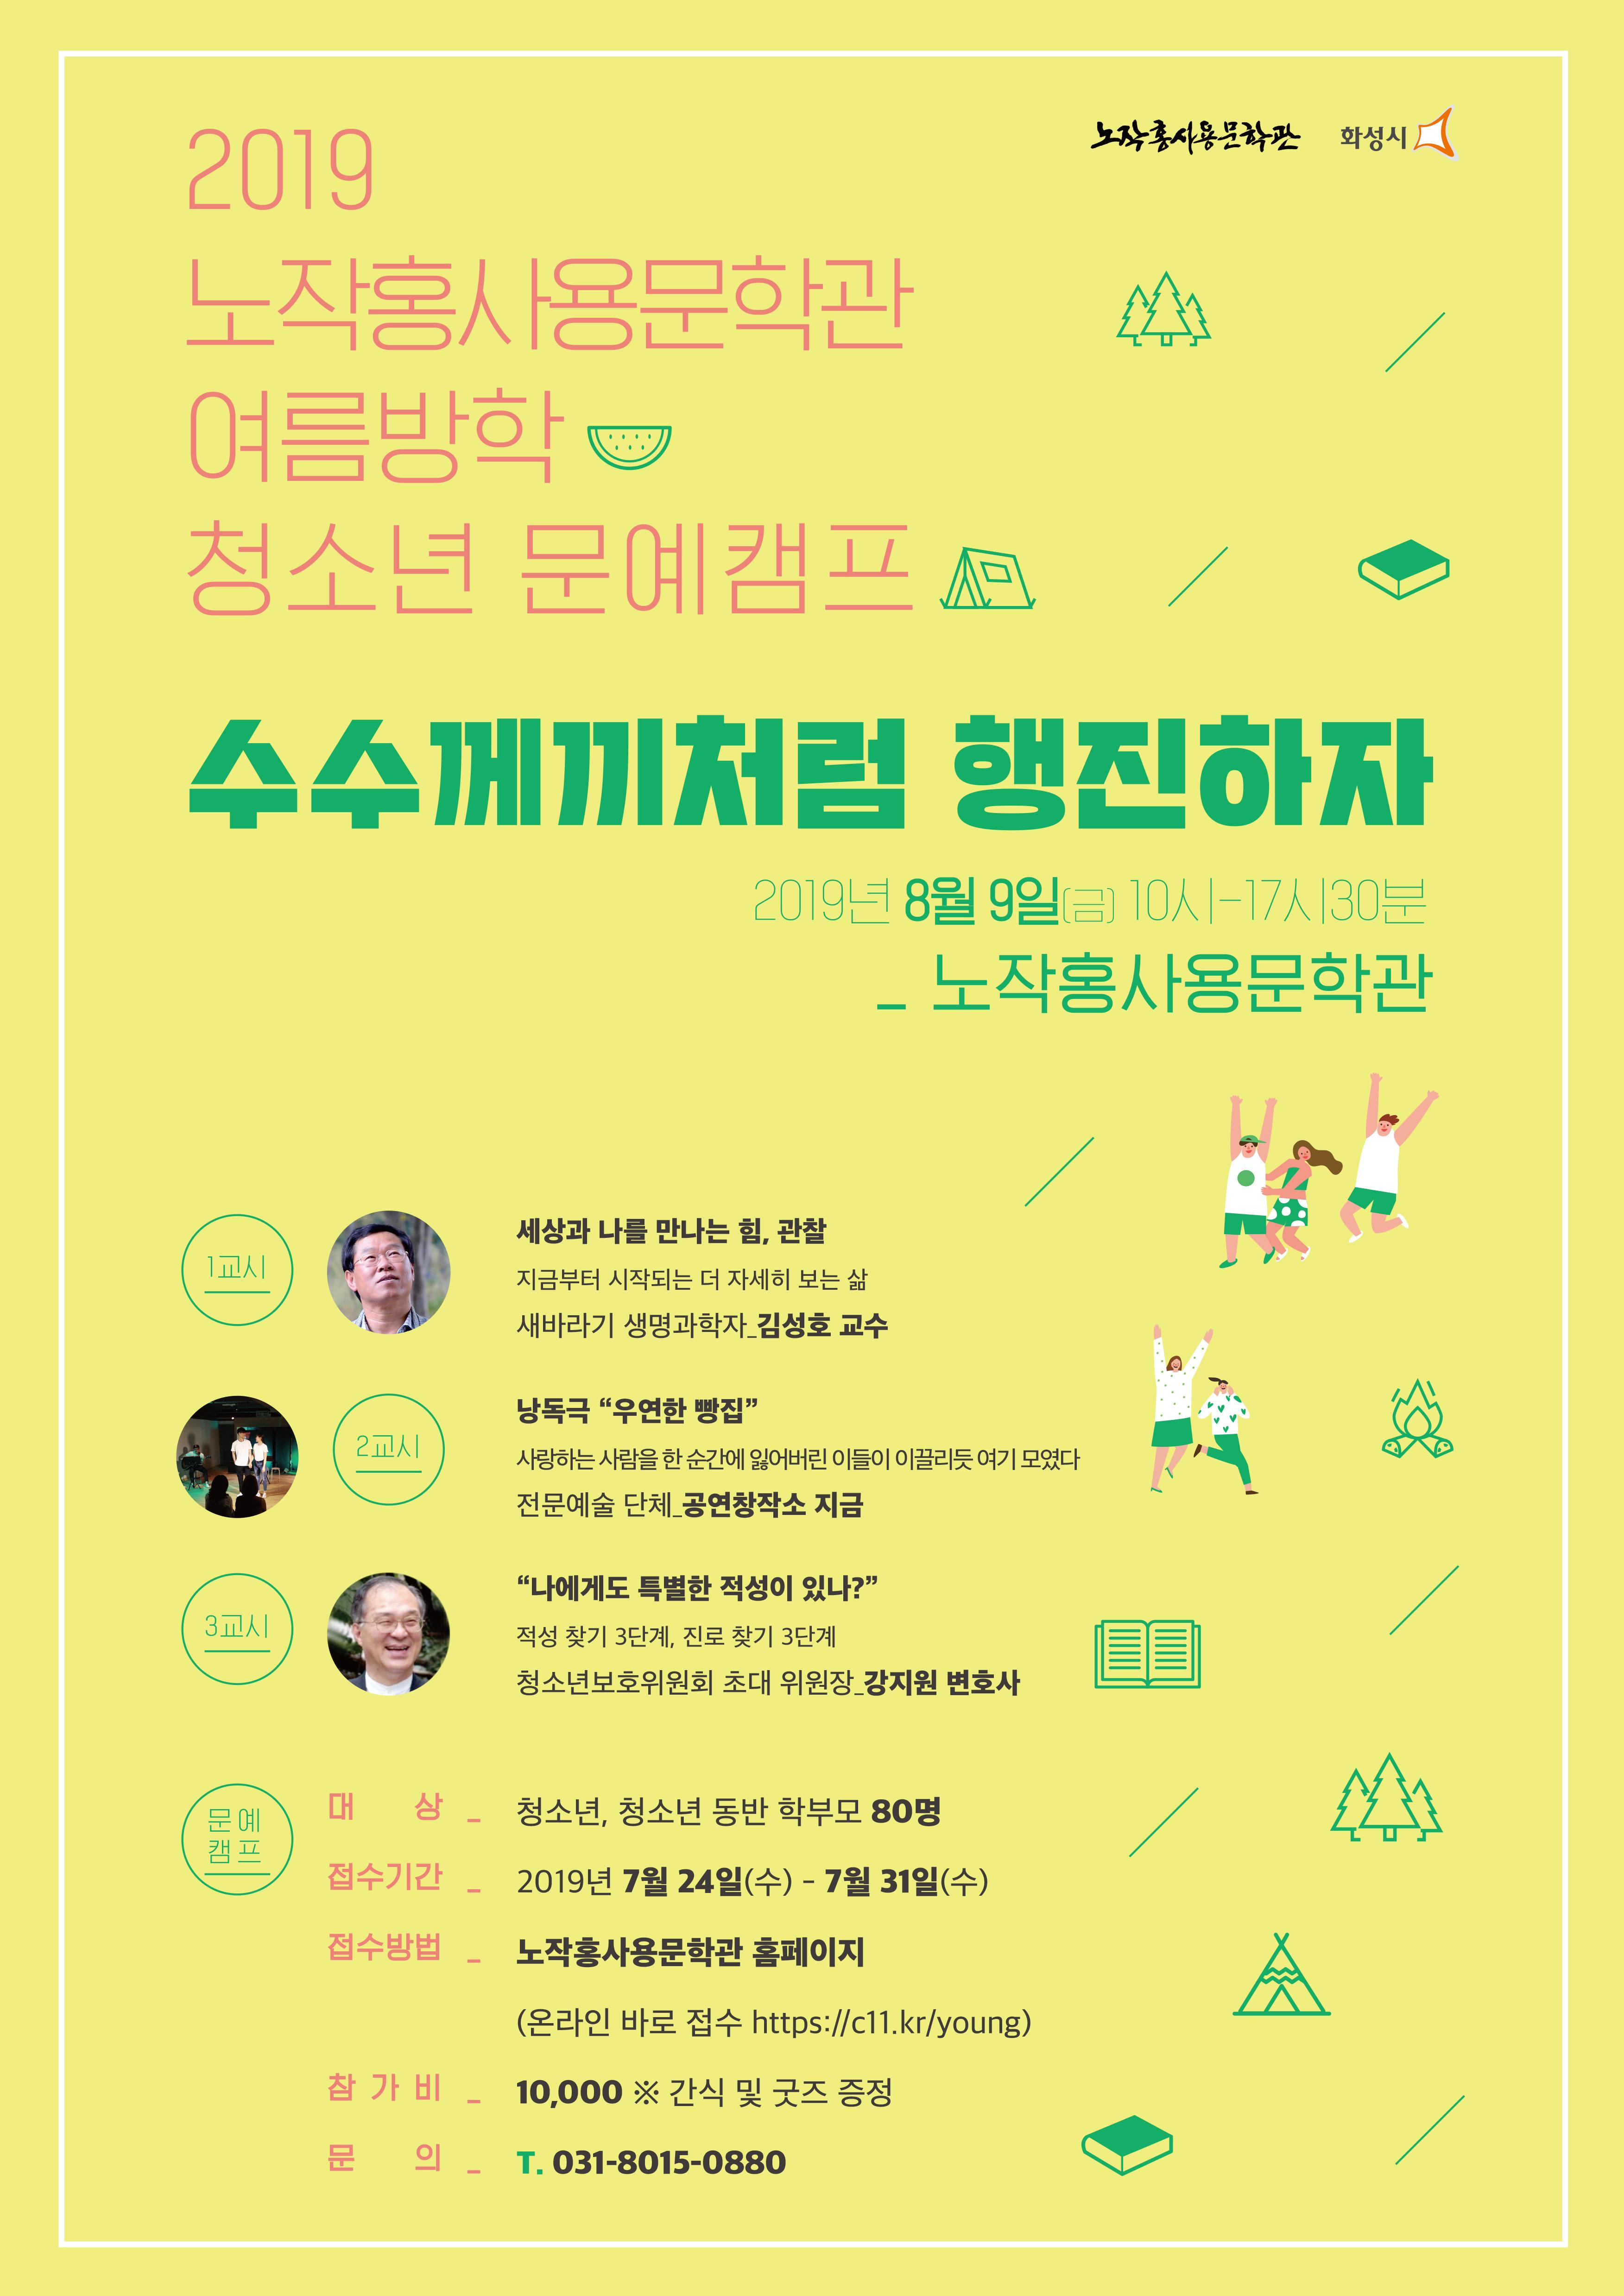 2019 여름방학 청소년 문예 캠프 <수수께끼처럼 행진하자>